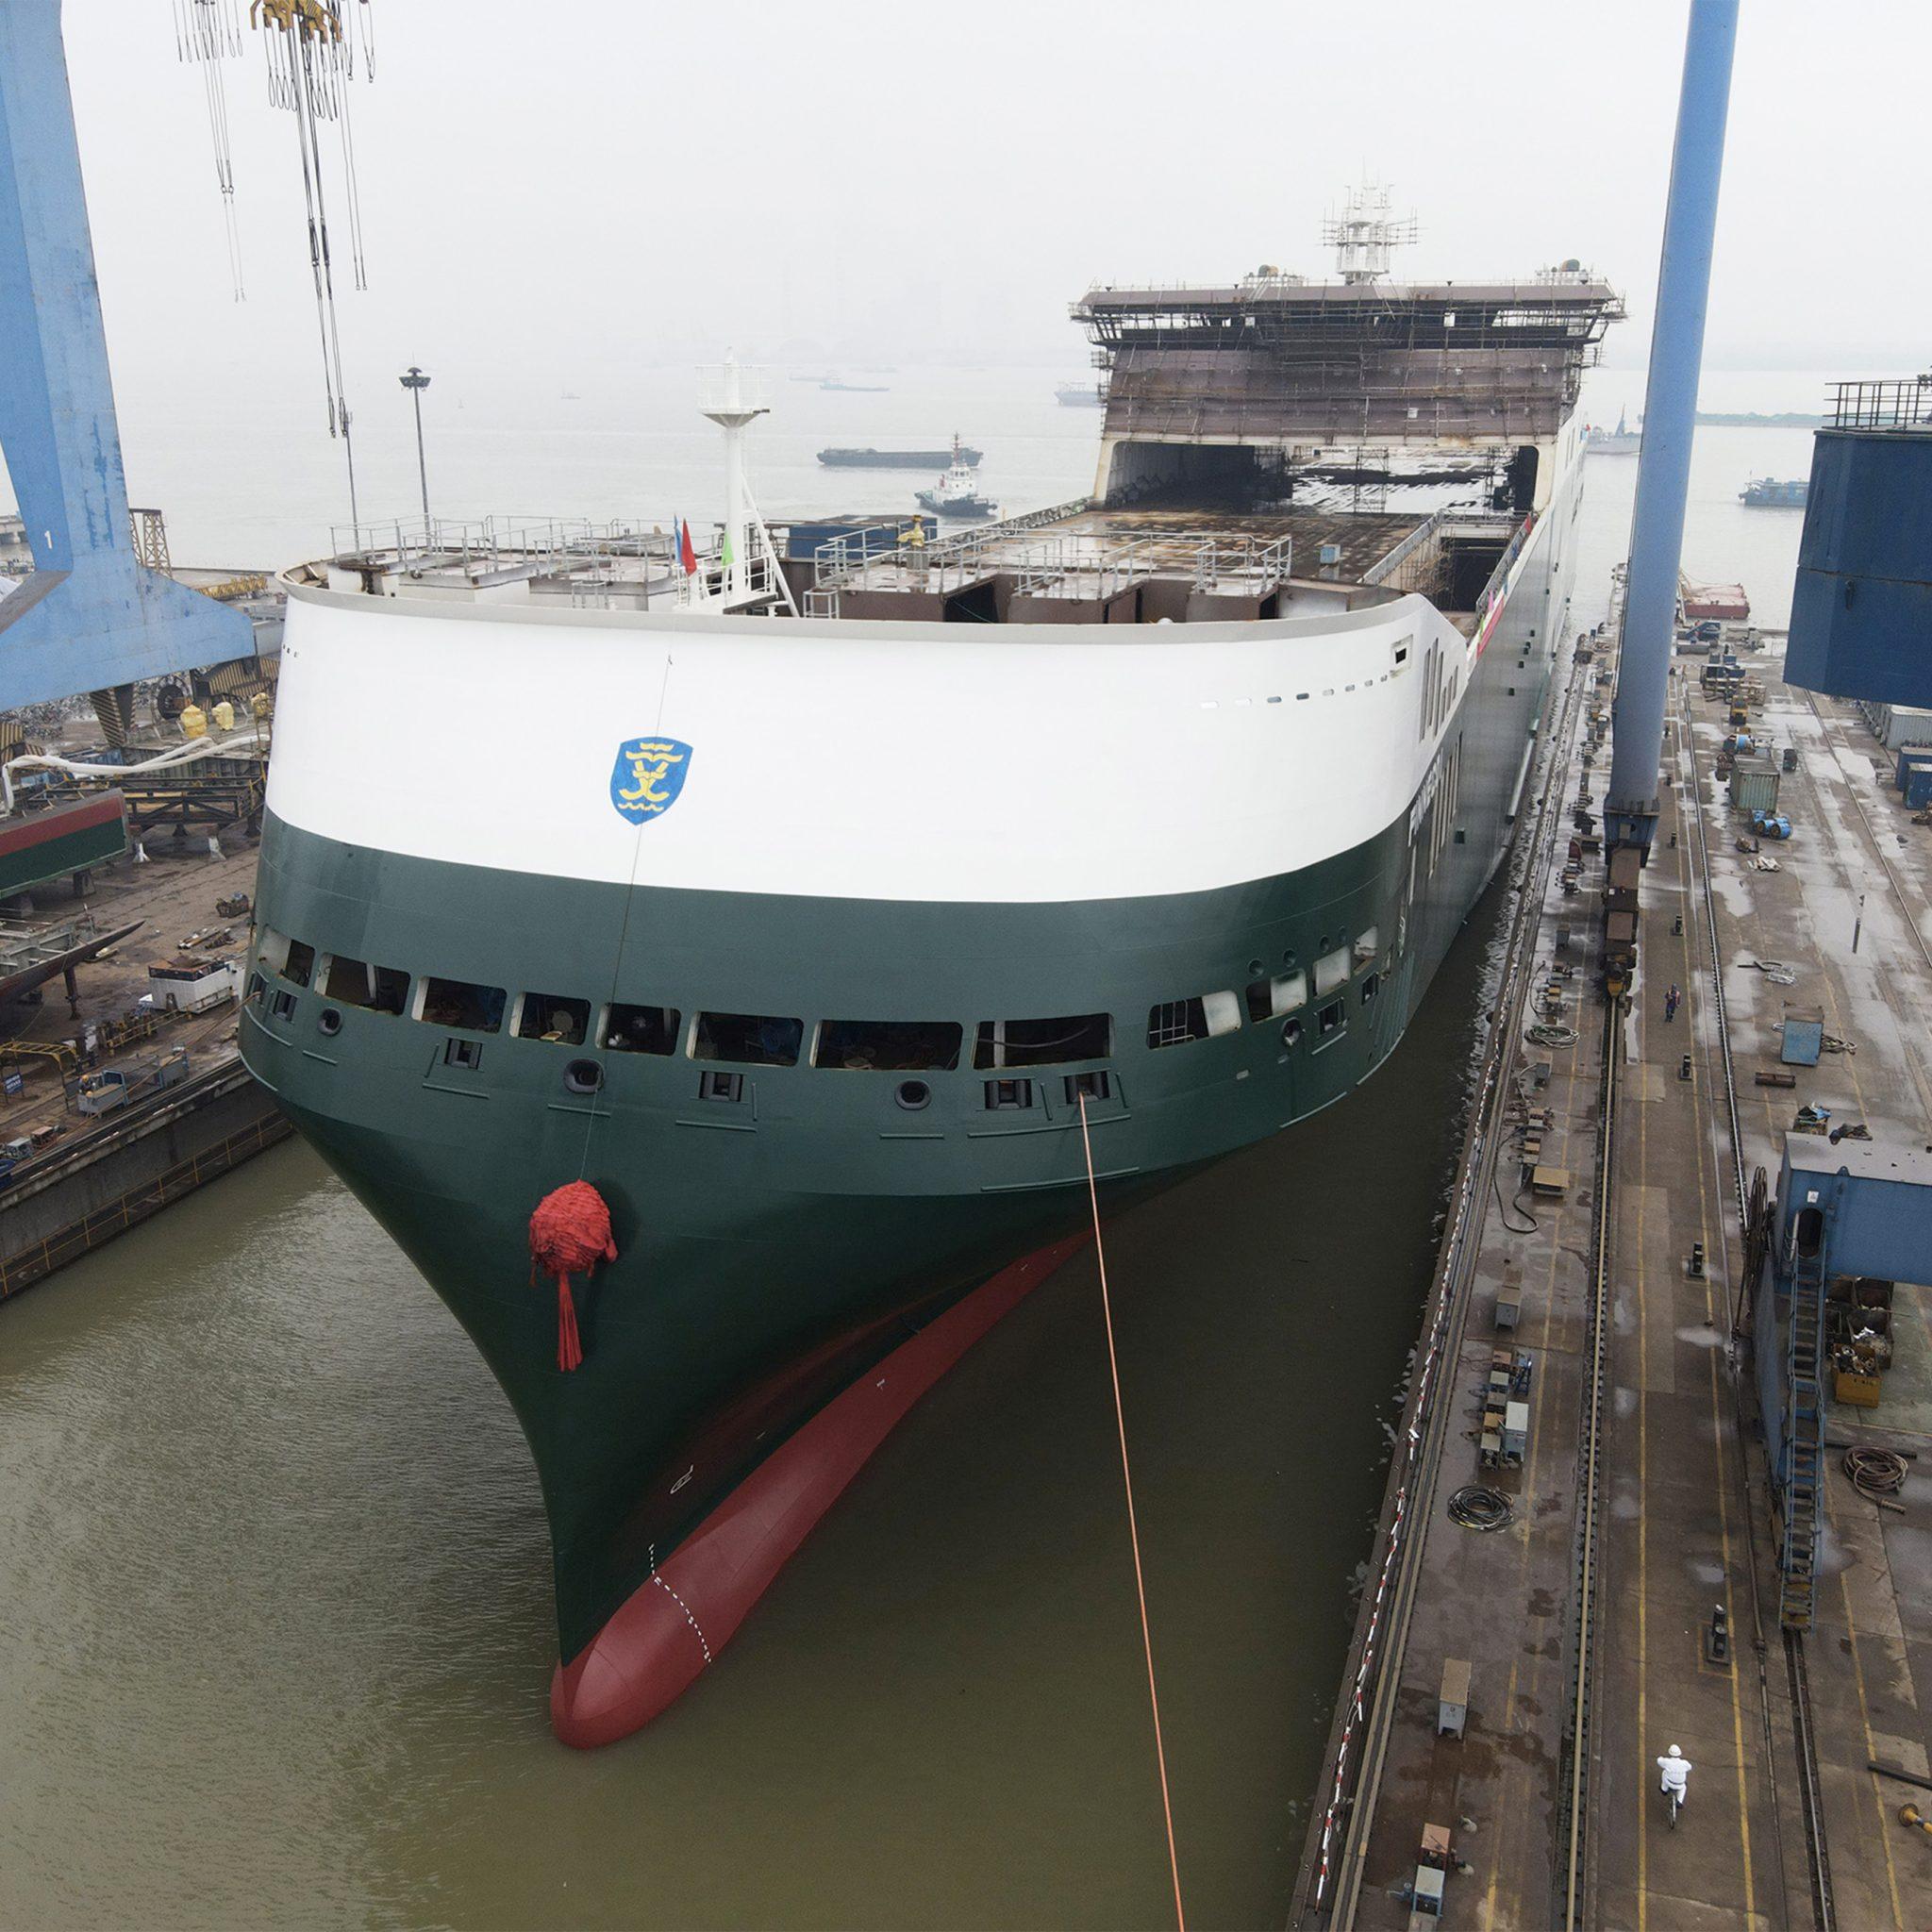 De Finneco I, de eerste van drie nieuwe hybride ro-ro-schepen van Finnlines ging op 26 april op de Nanjing Jinling Shipyard in het Chinese Nanjing te water. (Foto Finnlines)